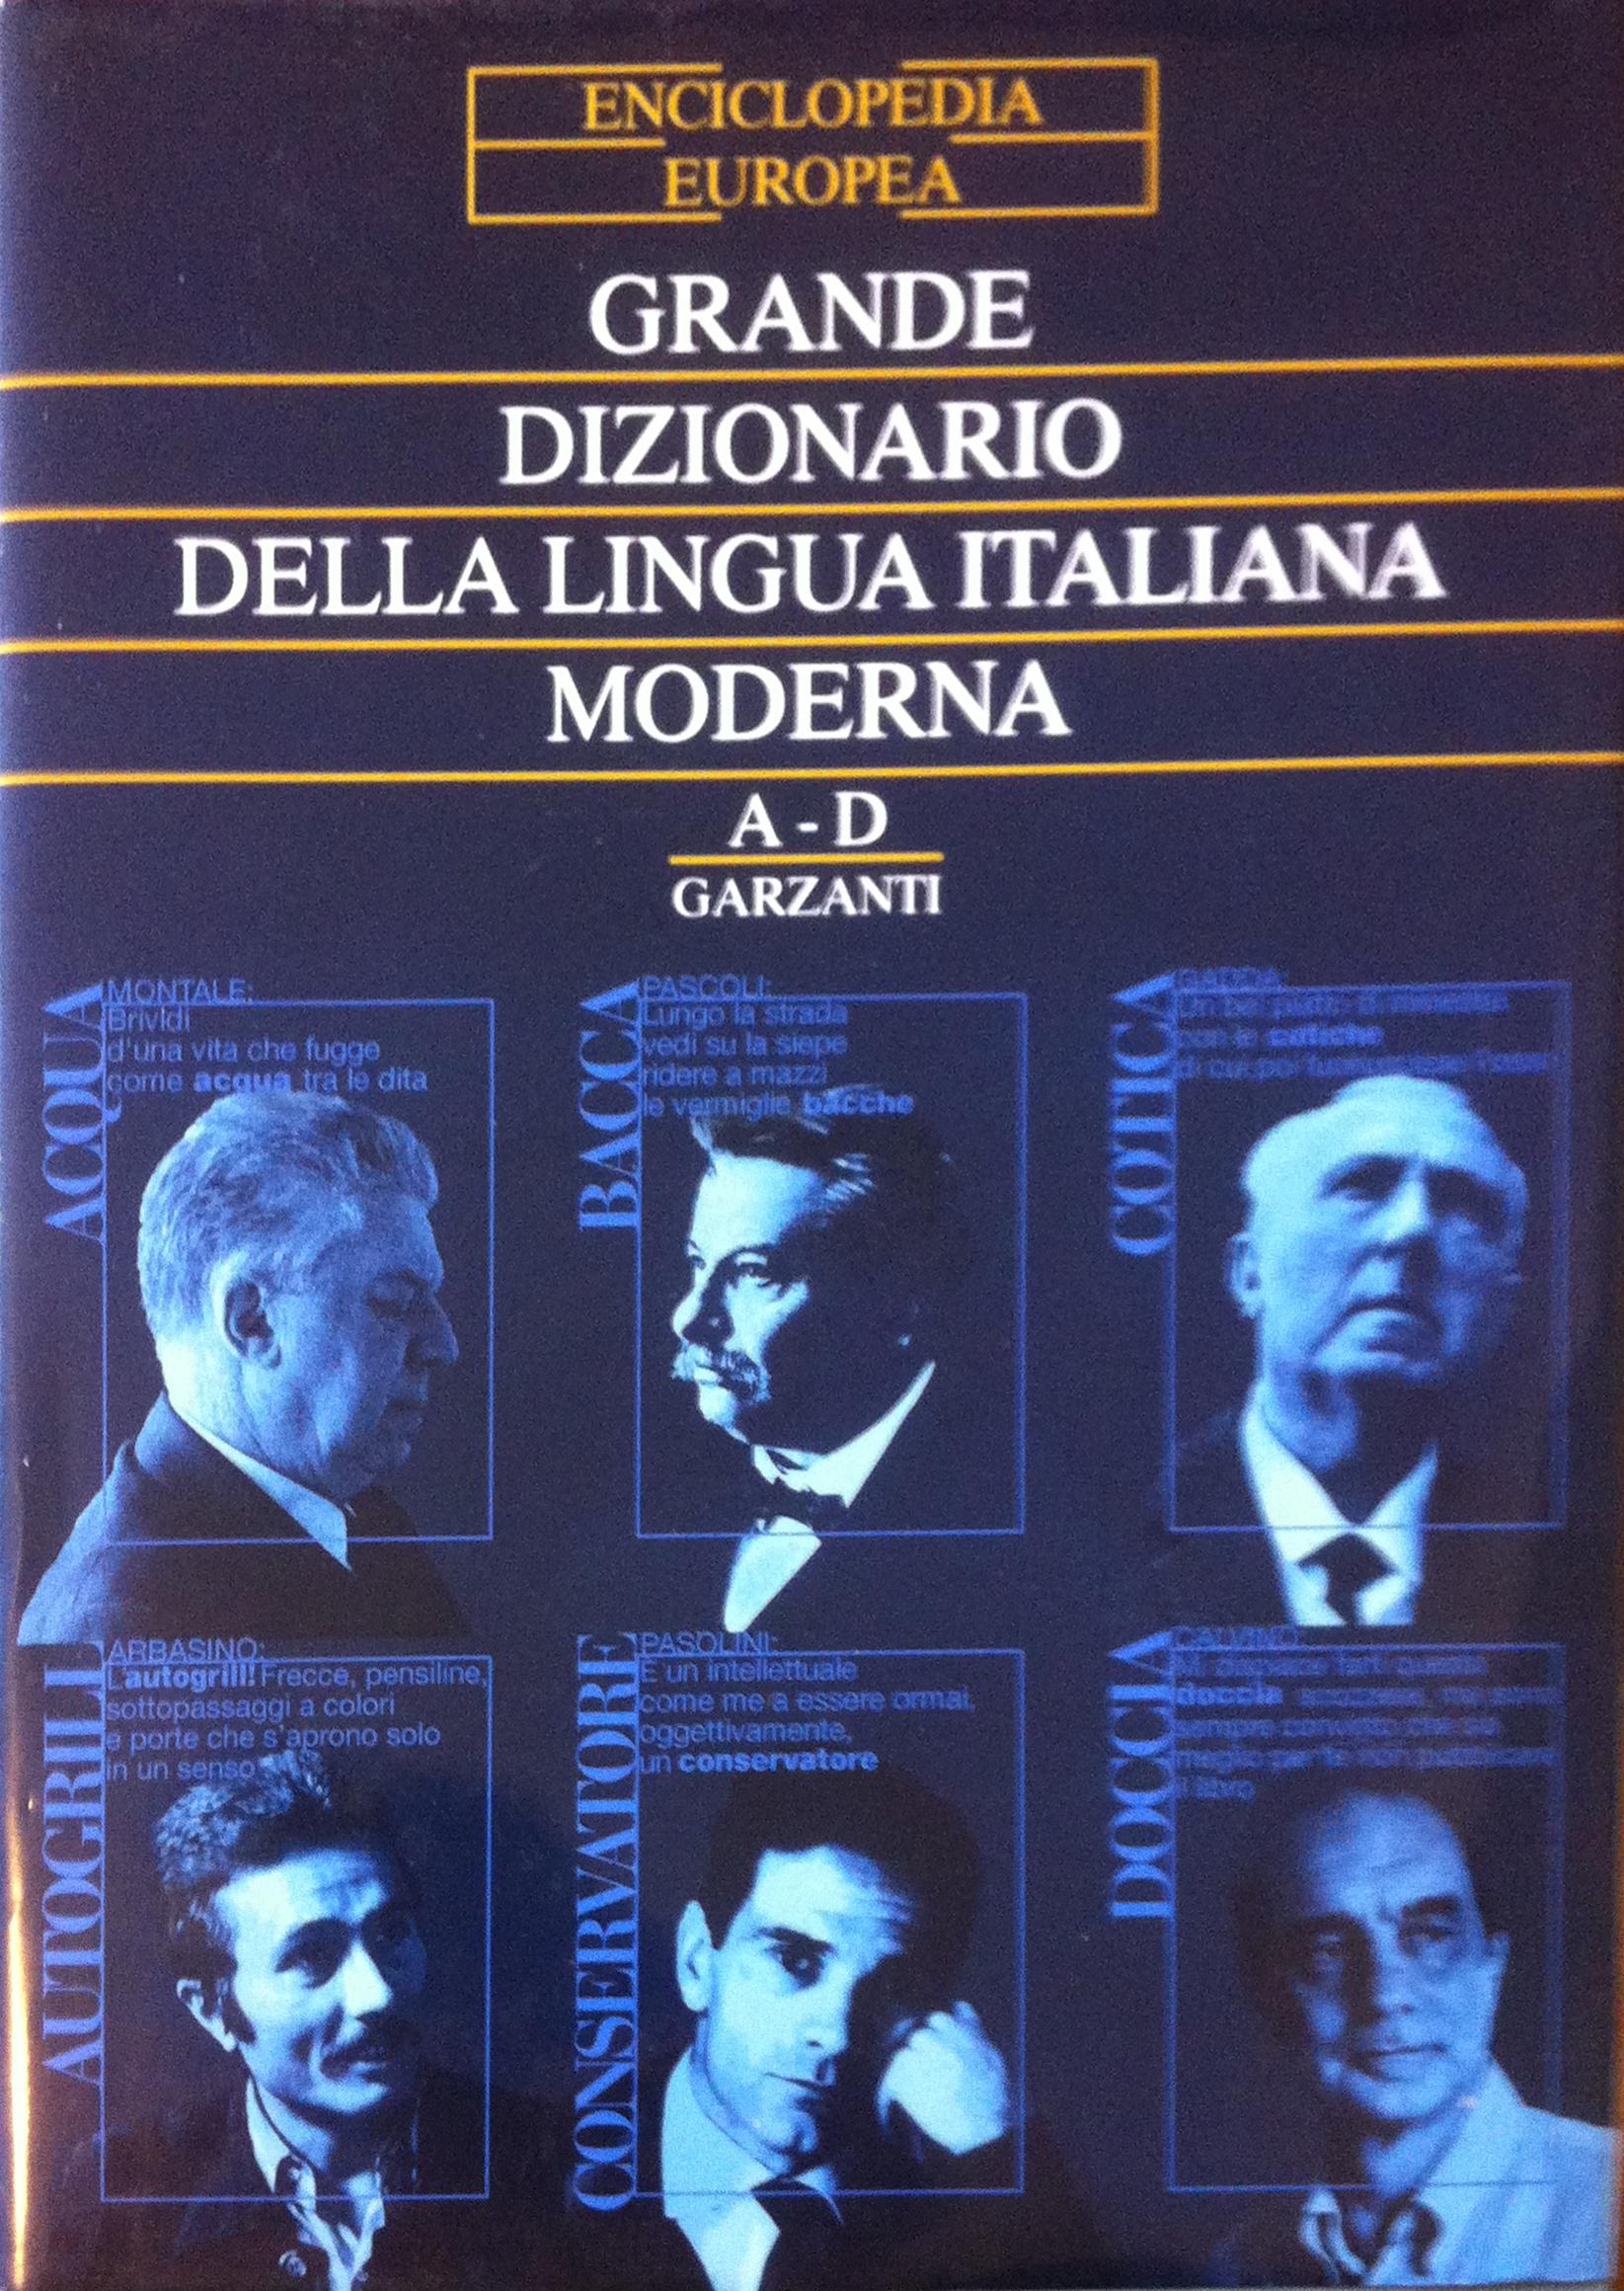 Garzanti – Grande dizionario della lingua italiana moderna